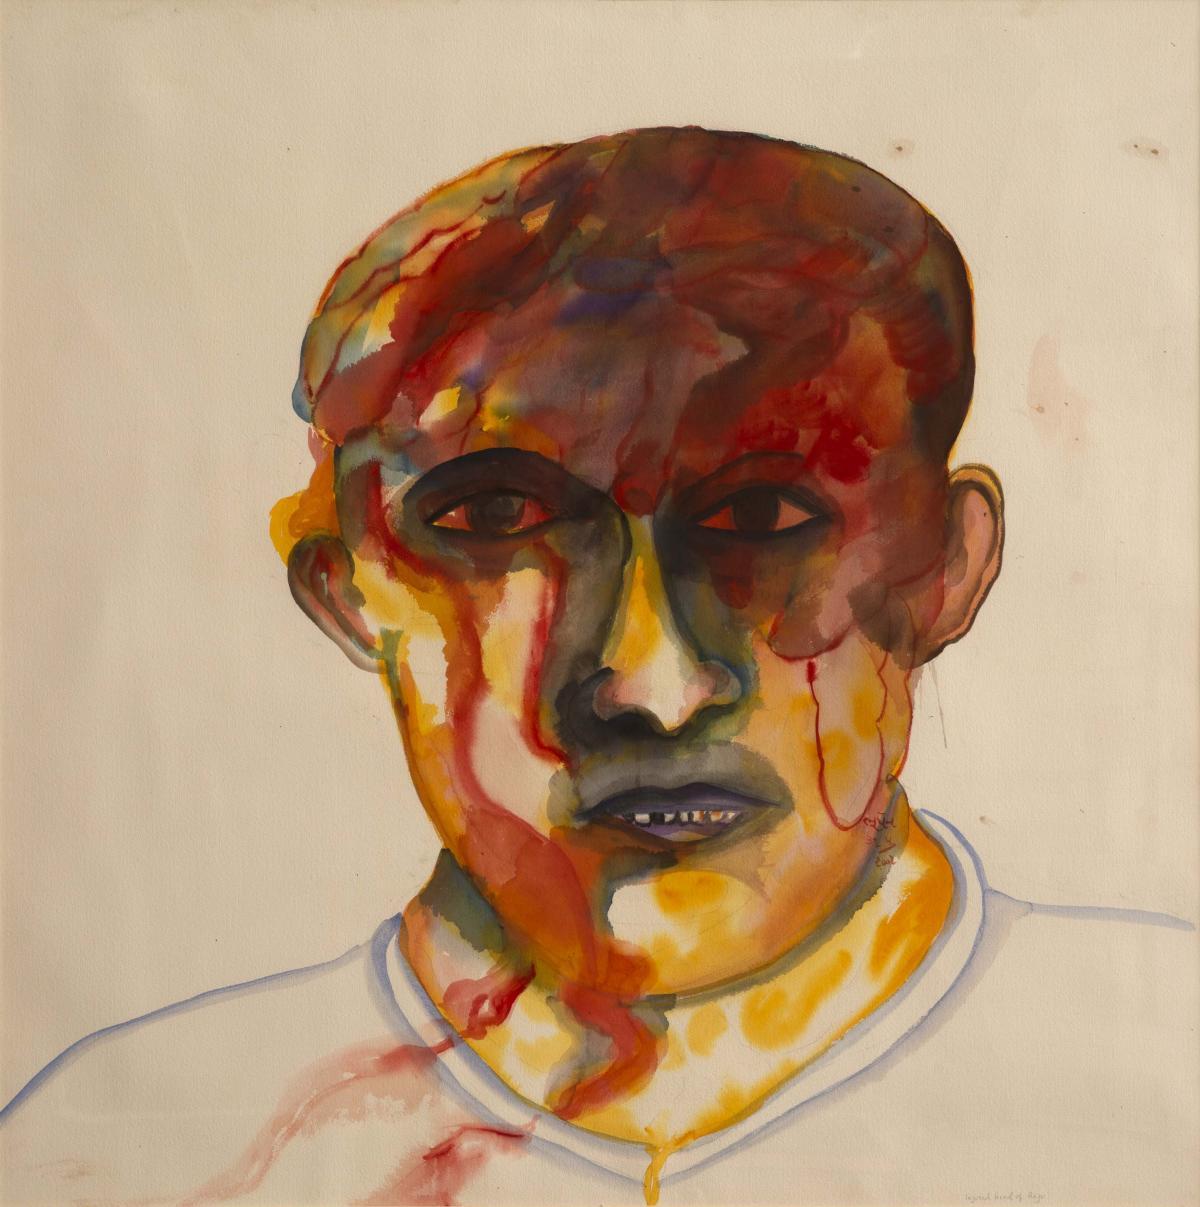 Bhupen Khakhar, Injured Head of Raju, 2001  Courtesy of Estate of Bhupen Khakhar/ National Gallery of Modern Art (NGMA), New Delhi